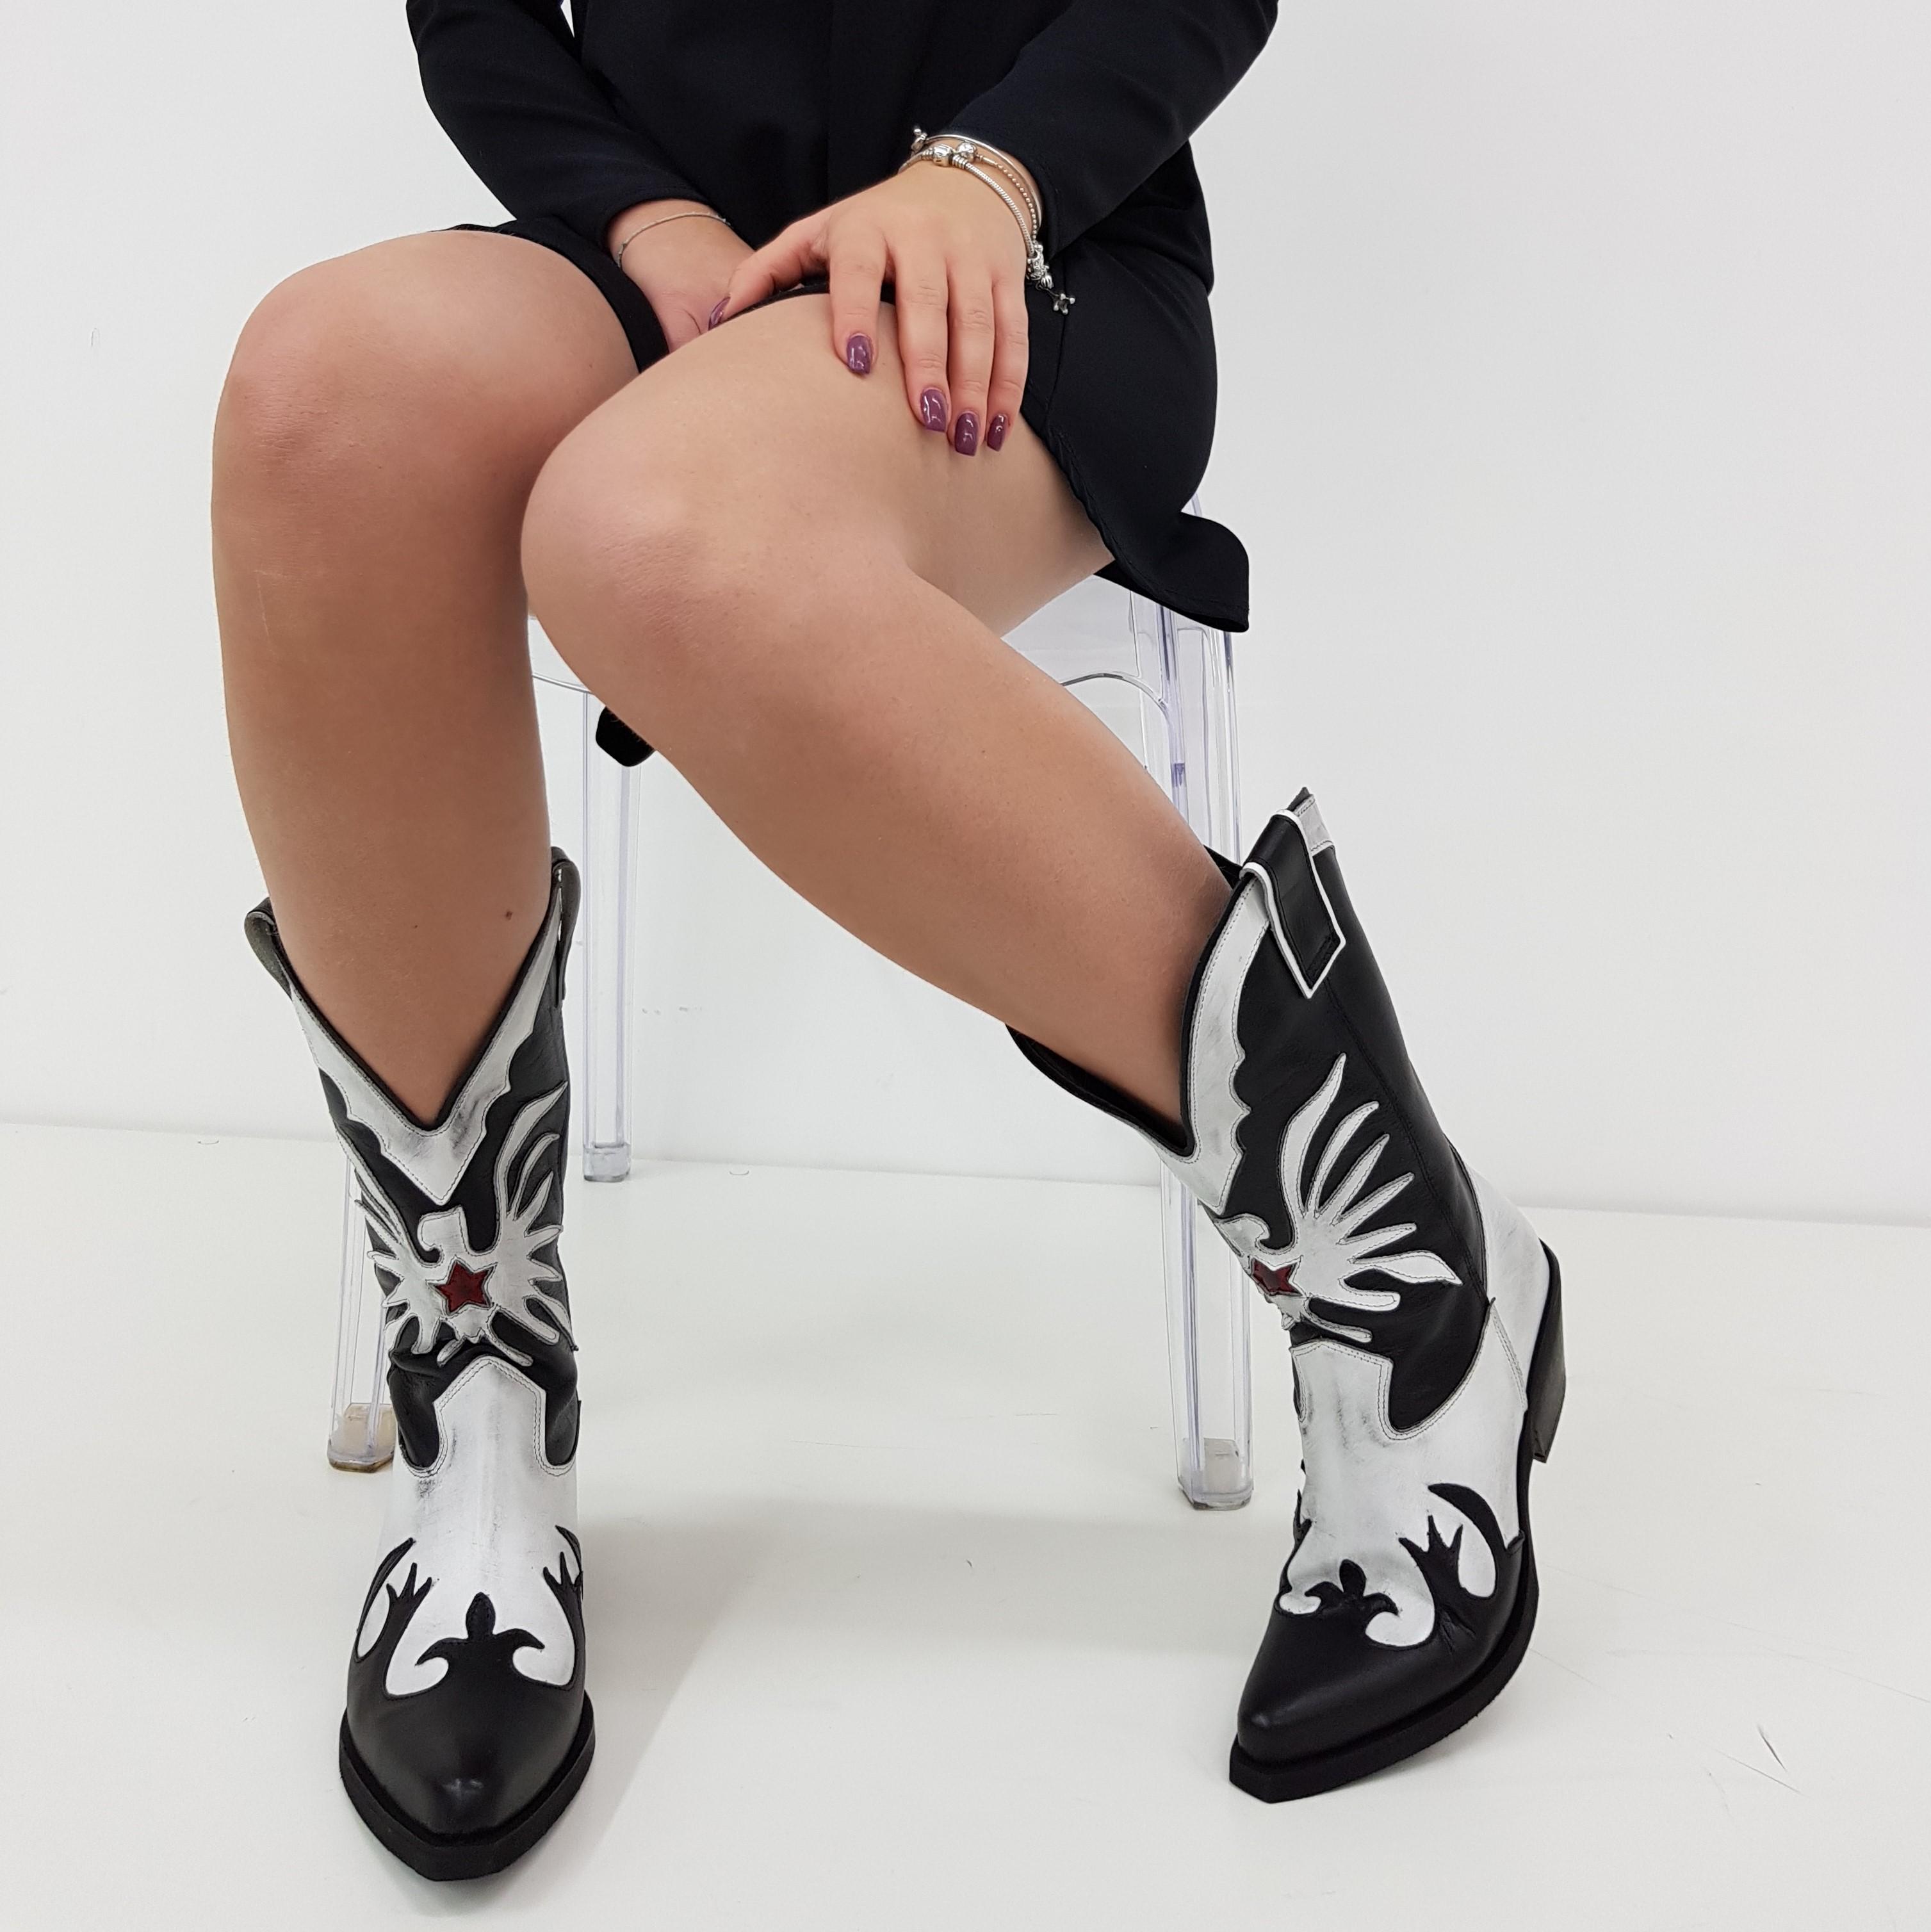 Stivale pelle bianco e nero oldwest30 - Lia diva scarpe ...